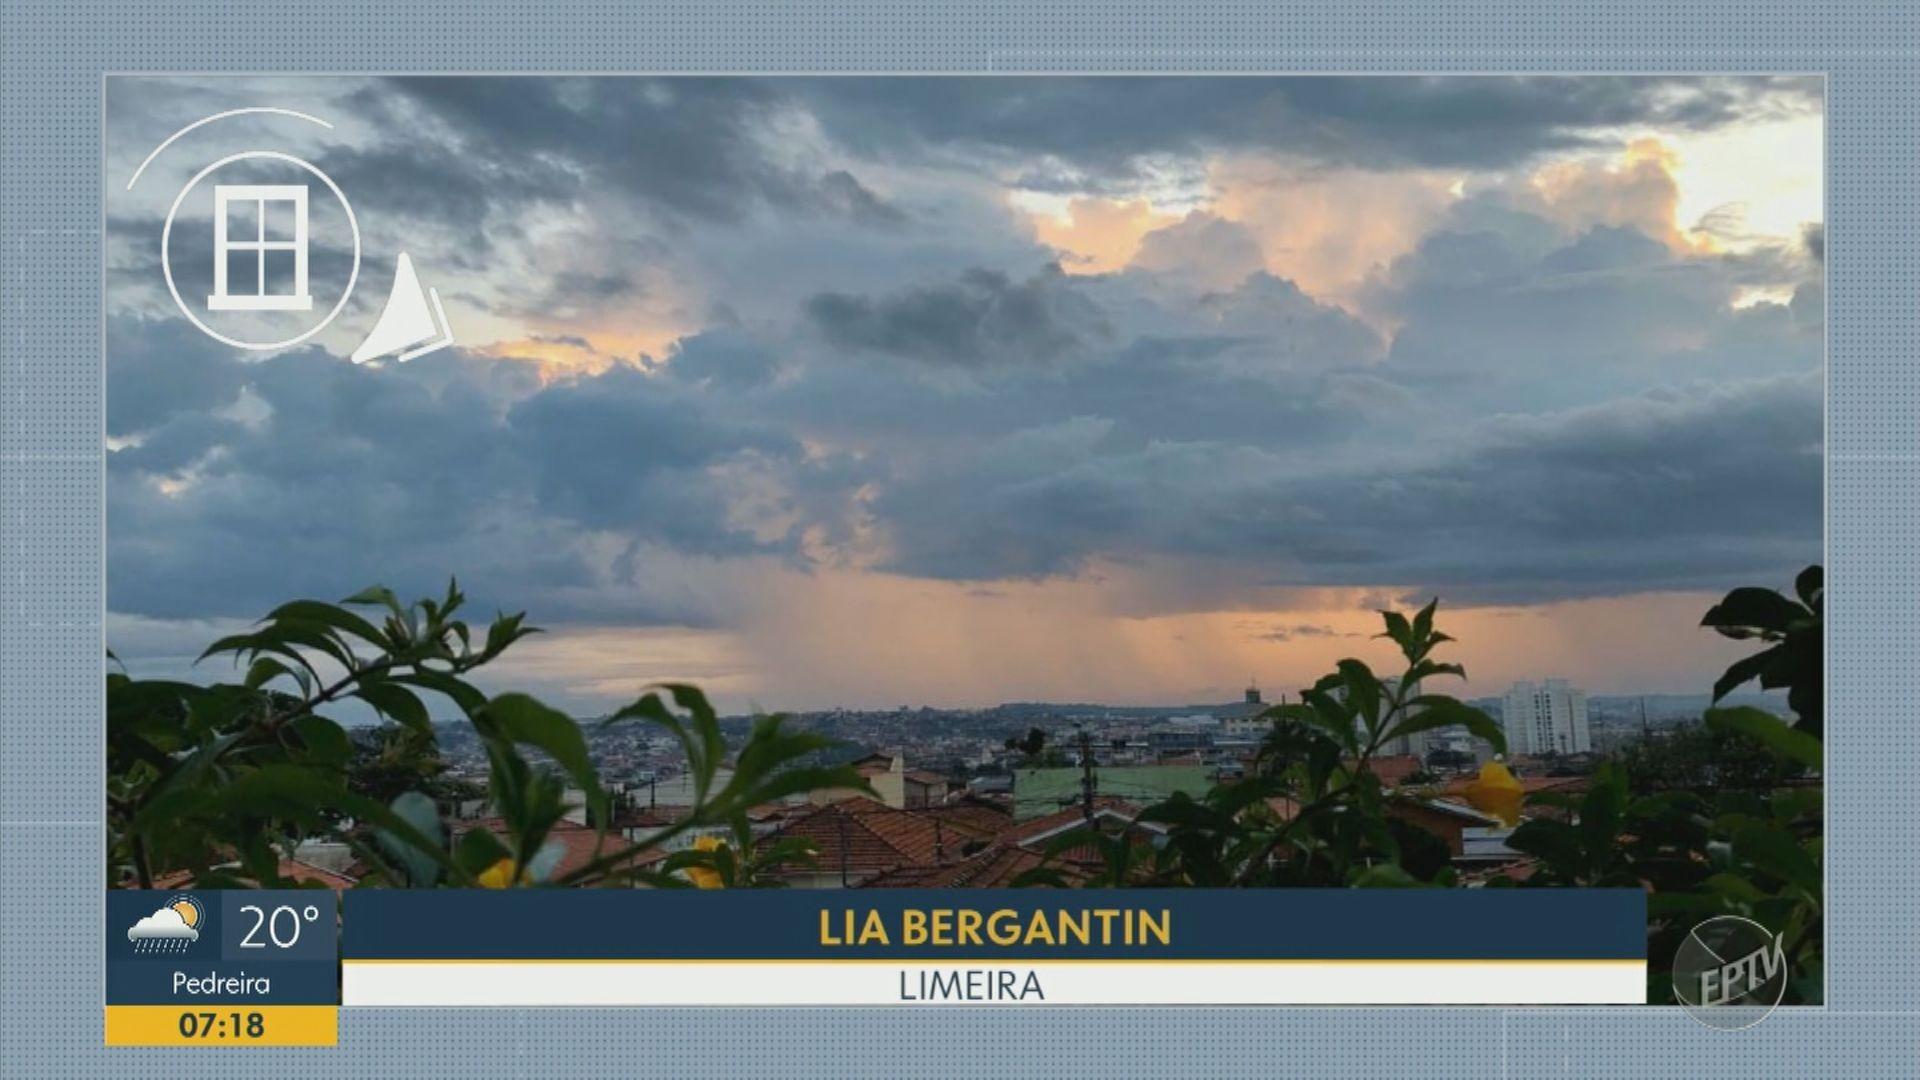 VÍDEOS: Bom Dia Cidade região de Piracicaba desta quarta, 29 de janeiro